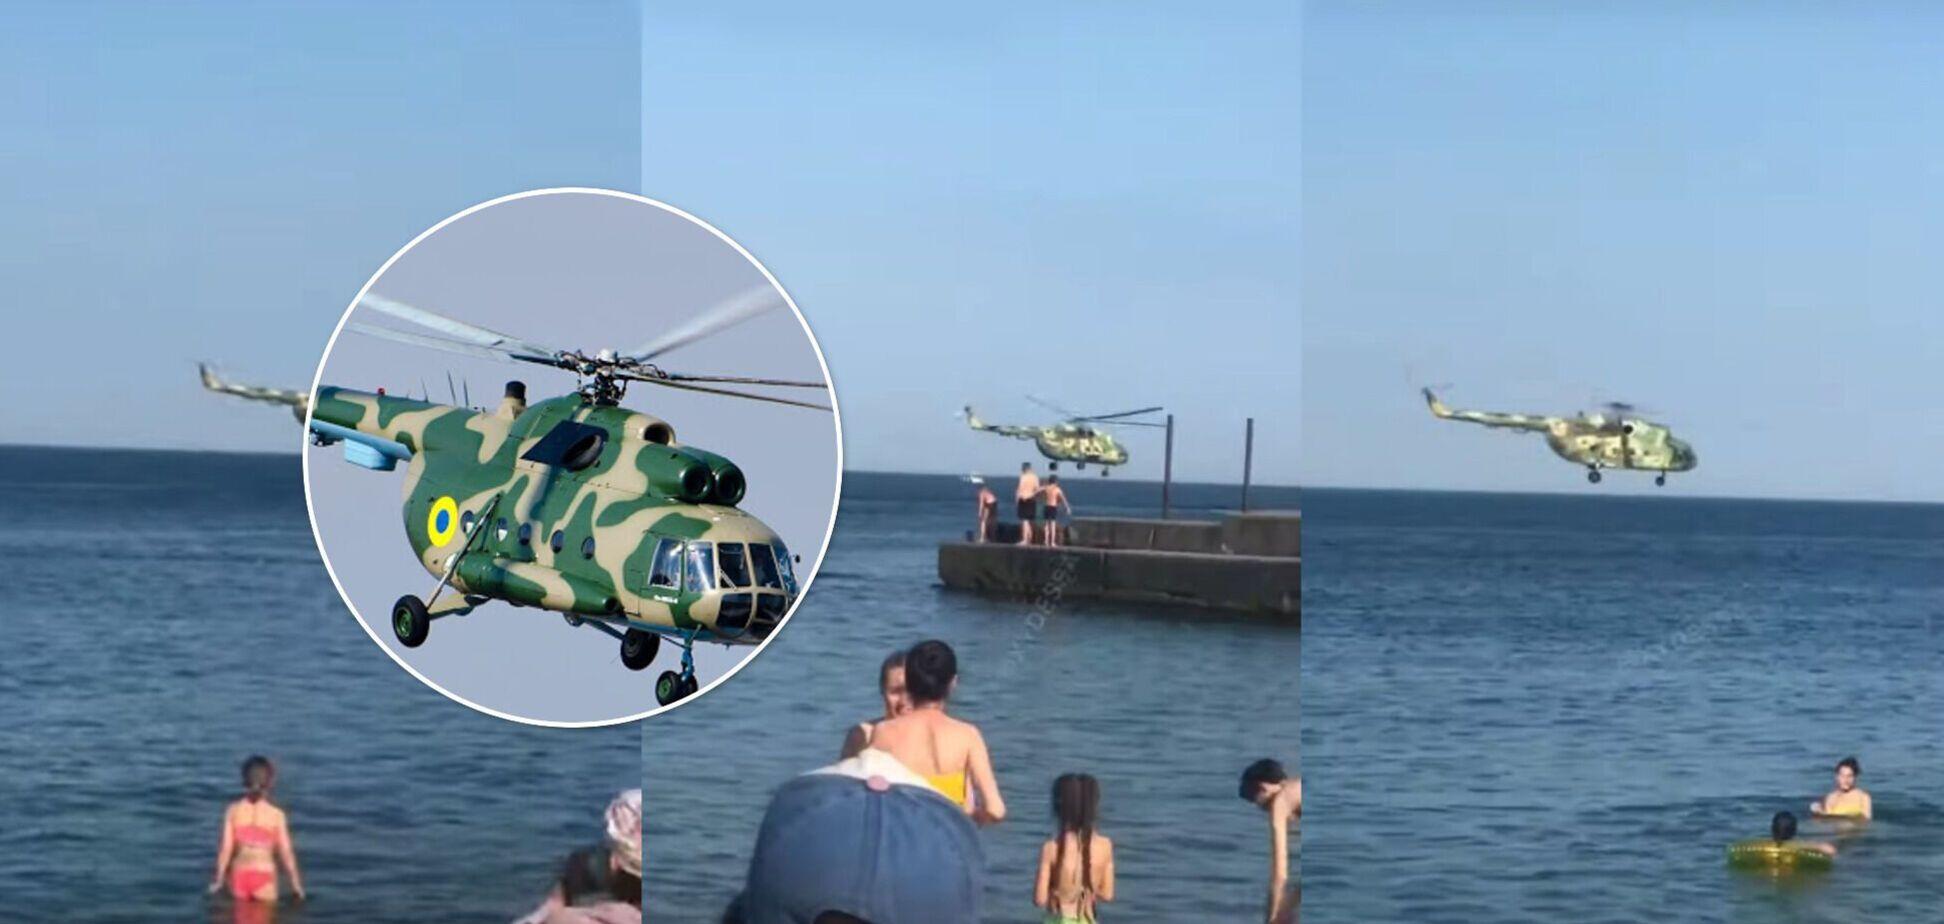 В Одессе военный вертолет пролетел прямо над головами отдыхающих на пляже. Видео 'высшего пилотажа'